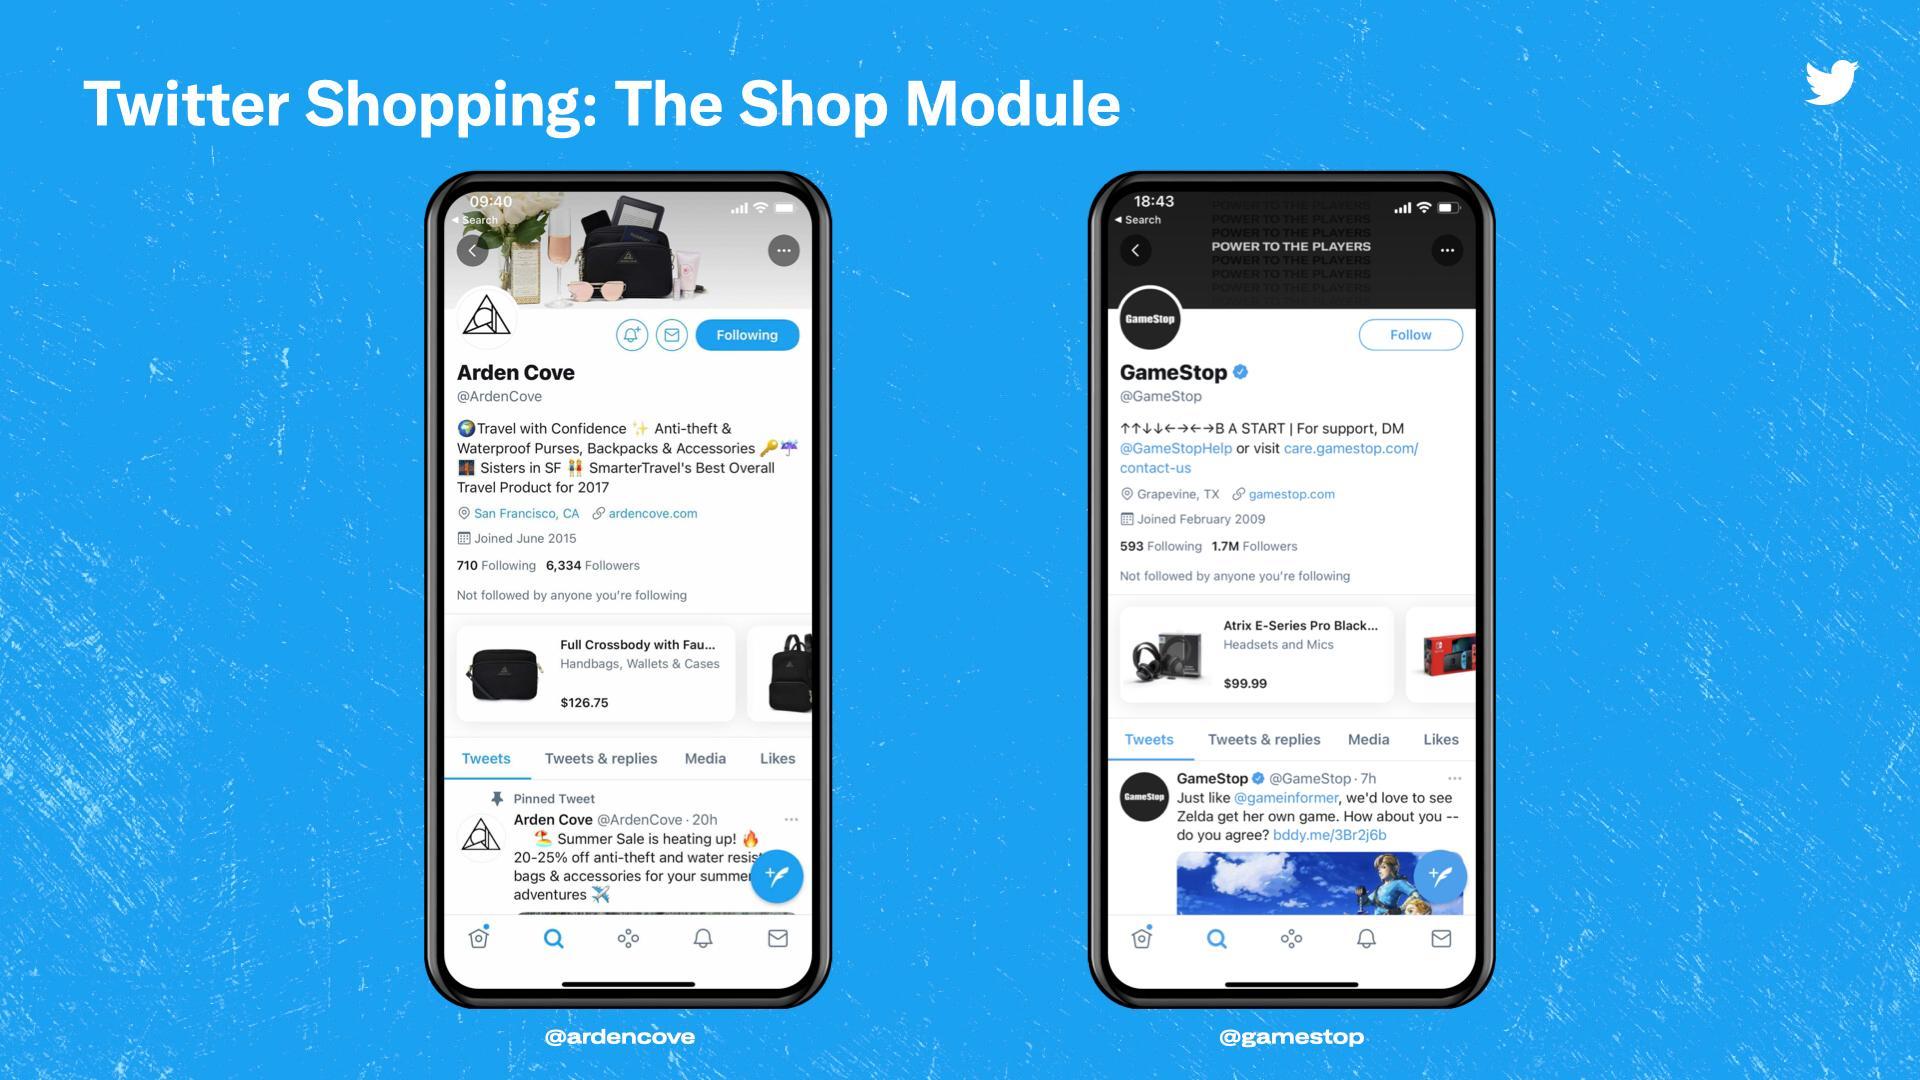 推特重燃社交电商热情 允许零售商在公司简介中推广商品